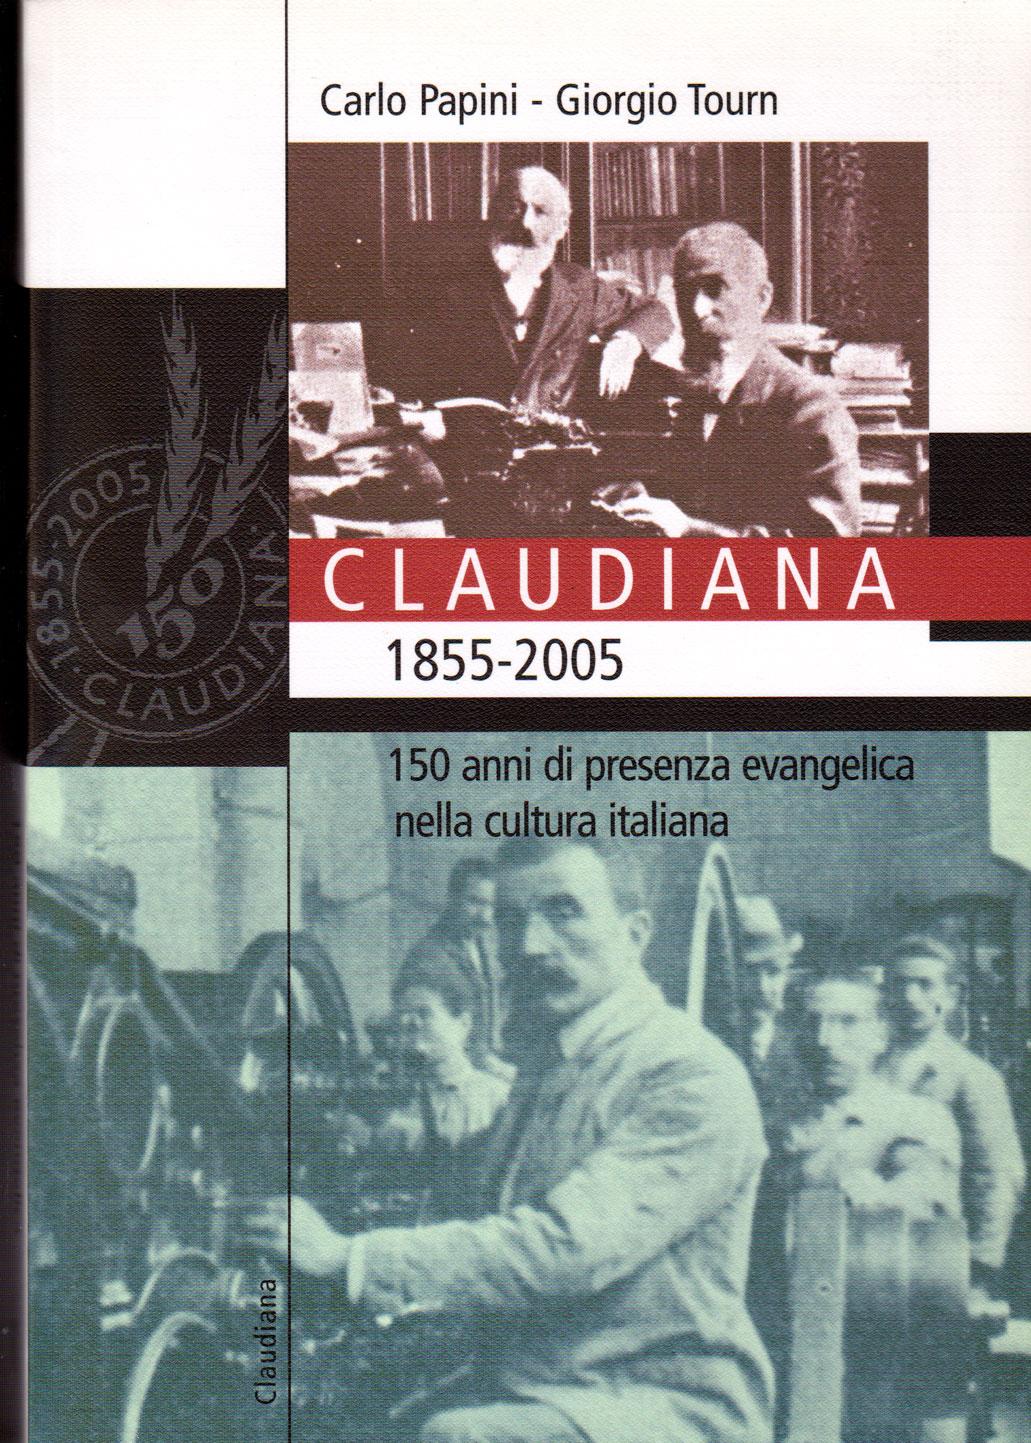 150 anni di presenza evangelica nella cultura italiana